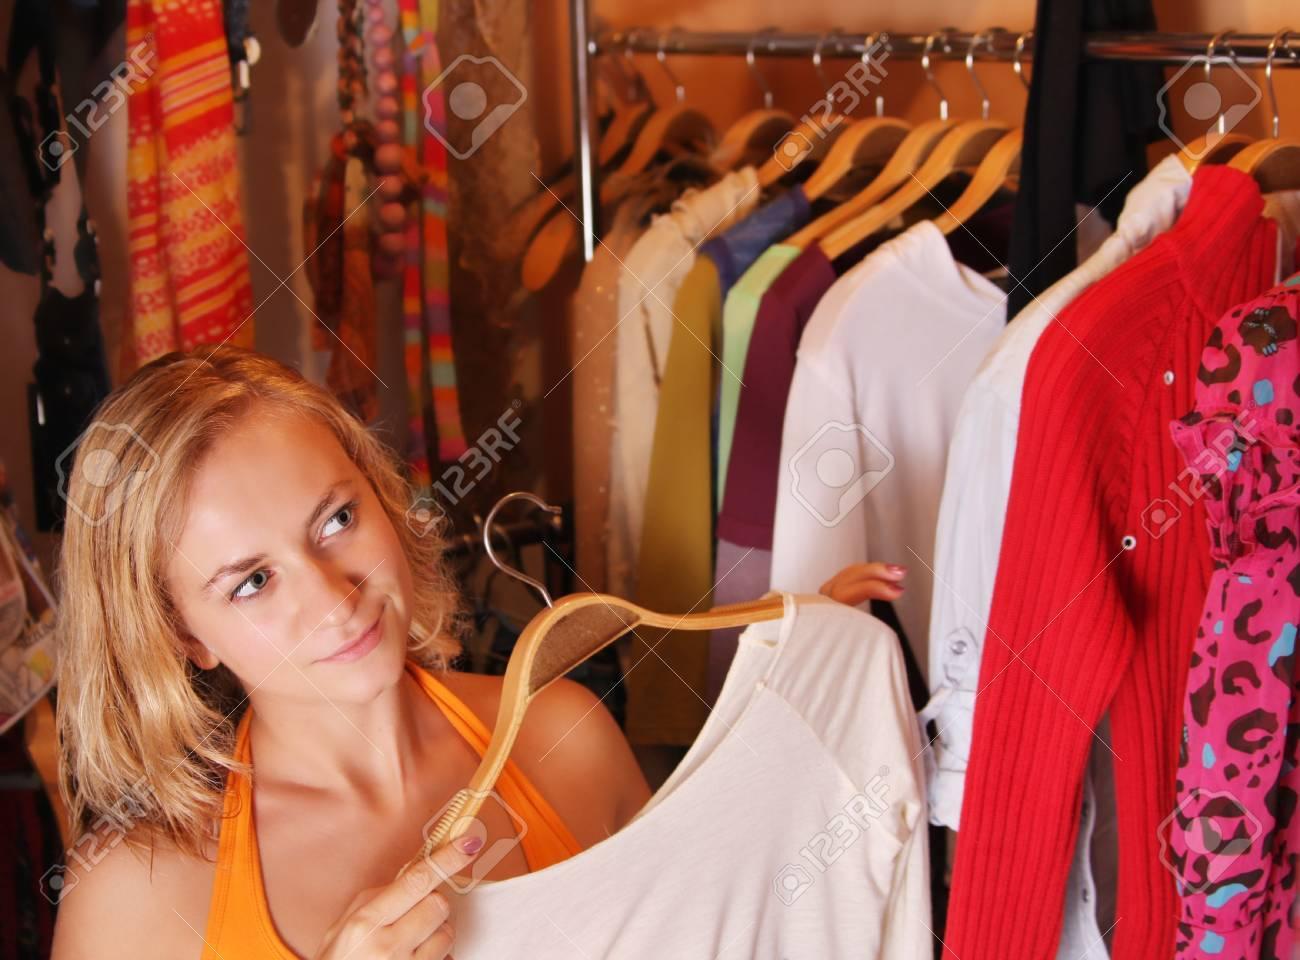 У девушек отбирают одежду 27 фотография